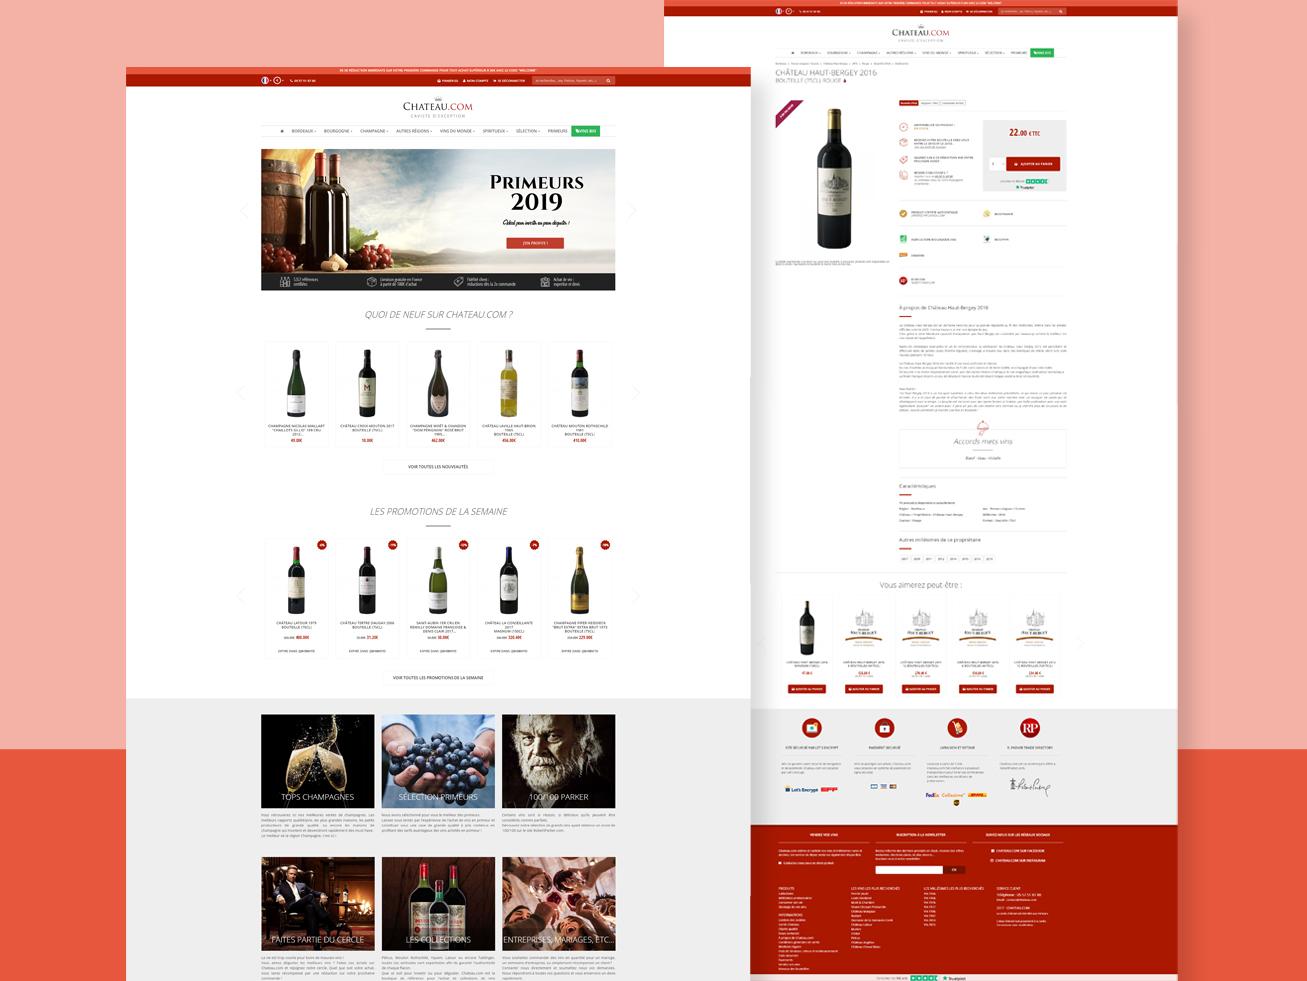 Webdesign de Chateau.com